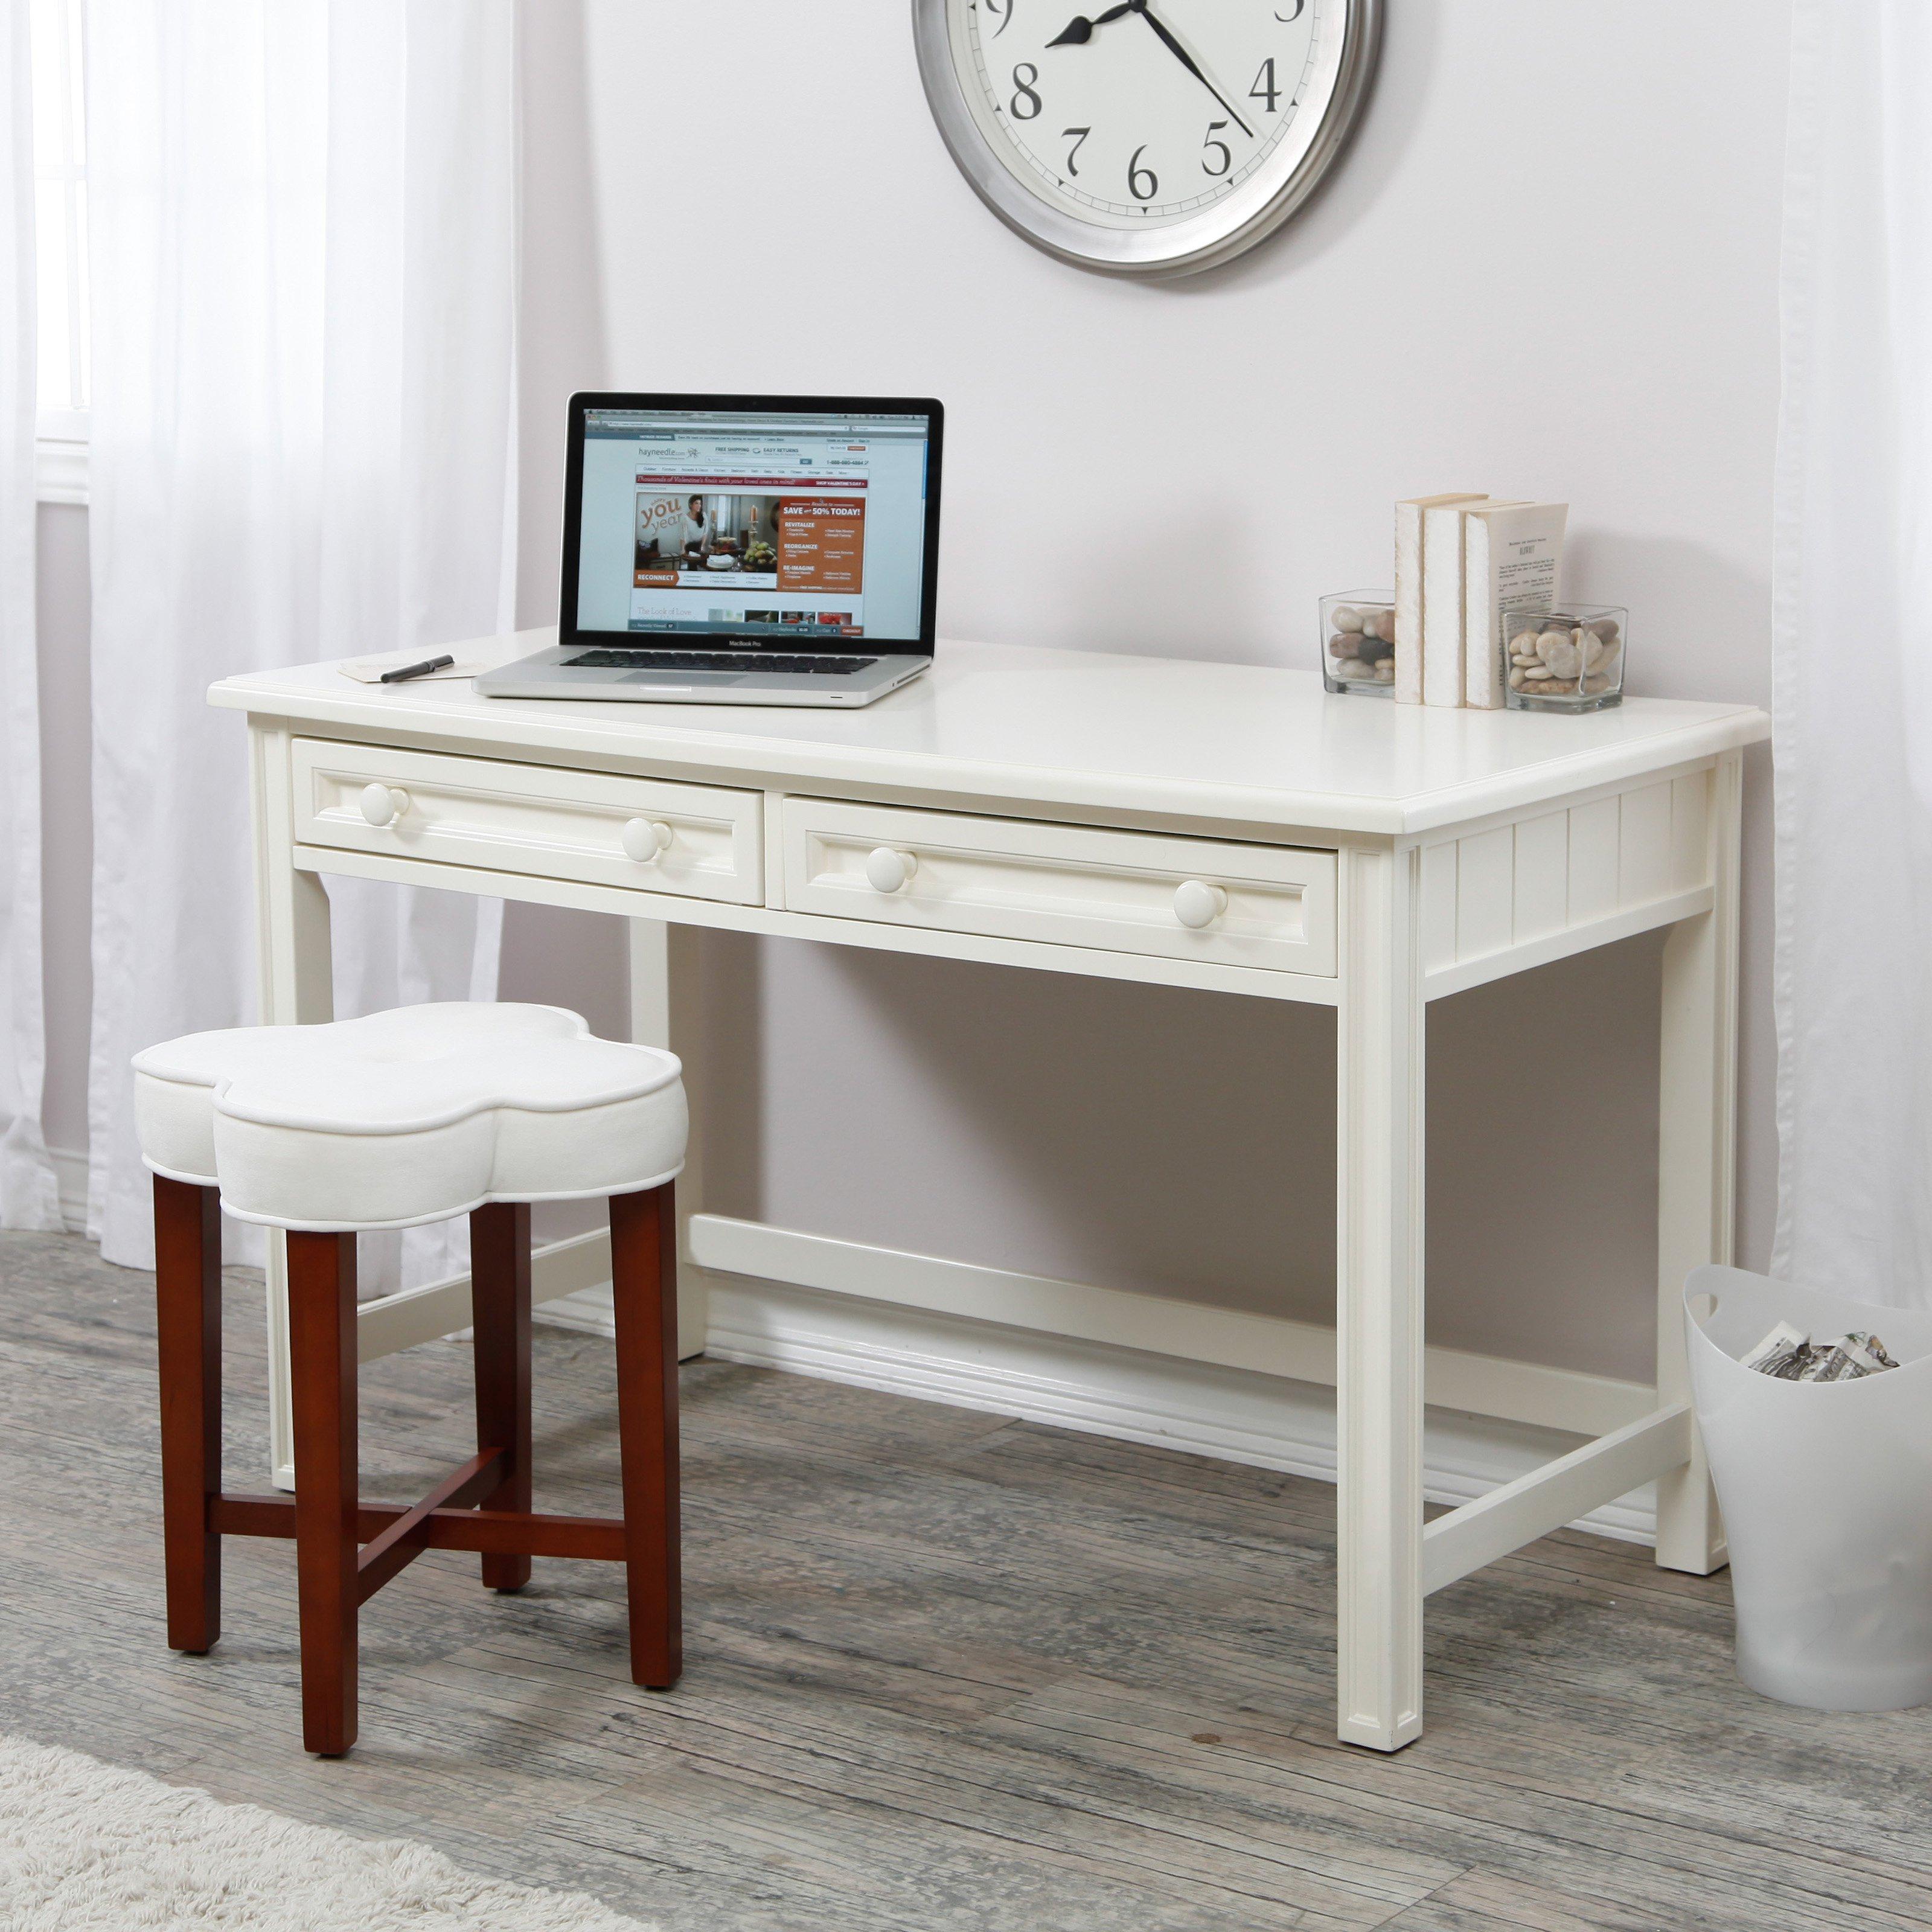 Belham Living Casey Writing Desk - White